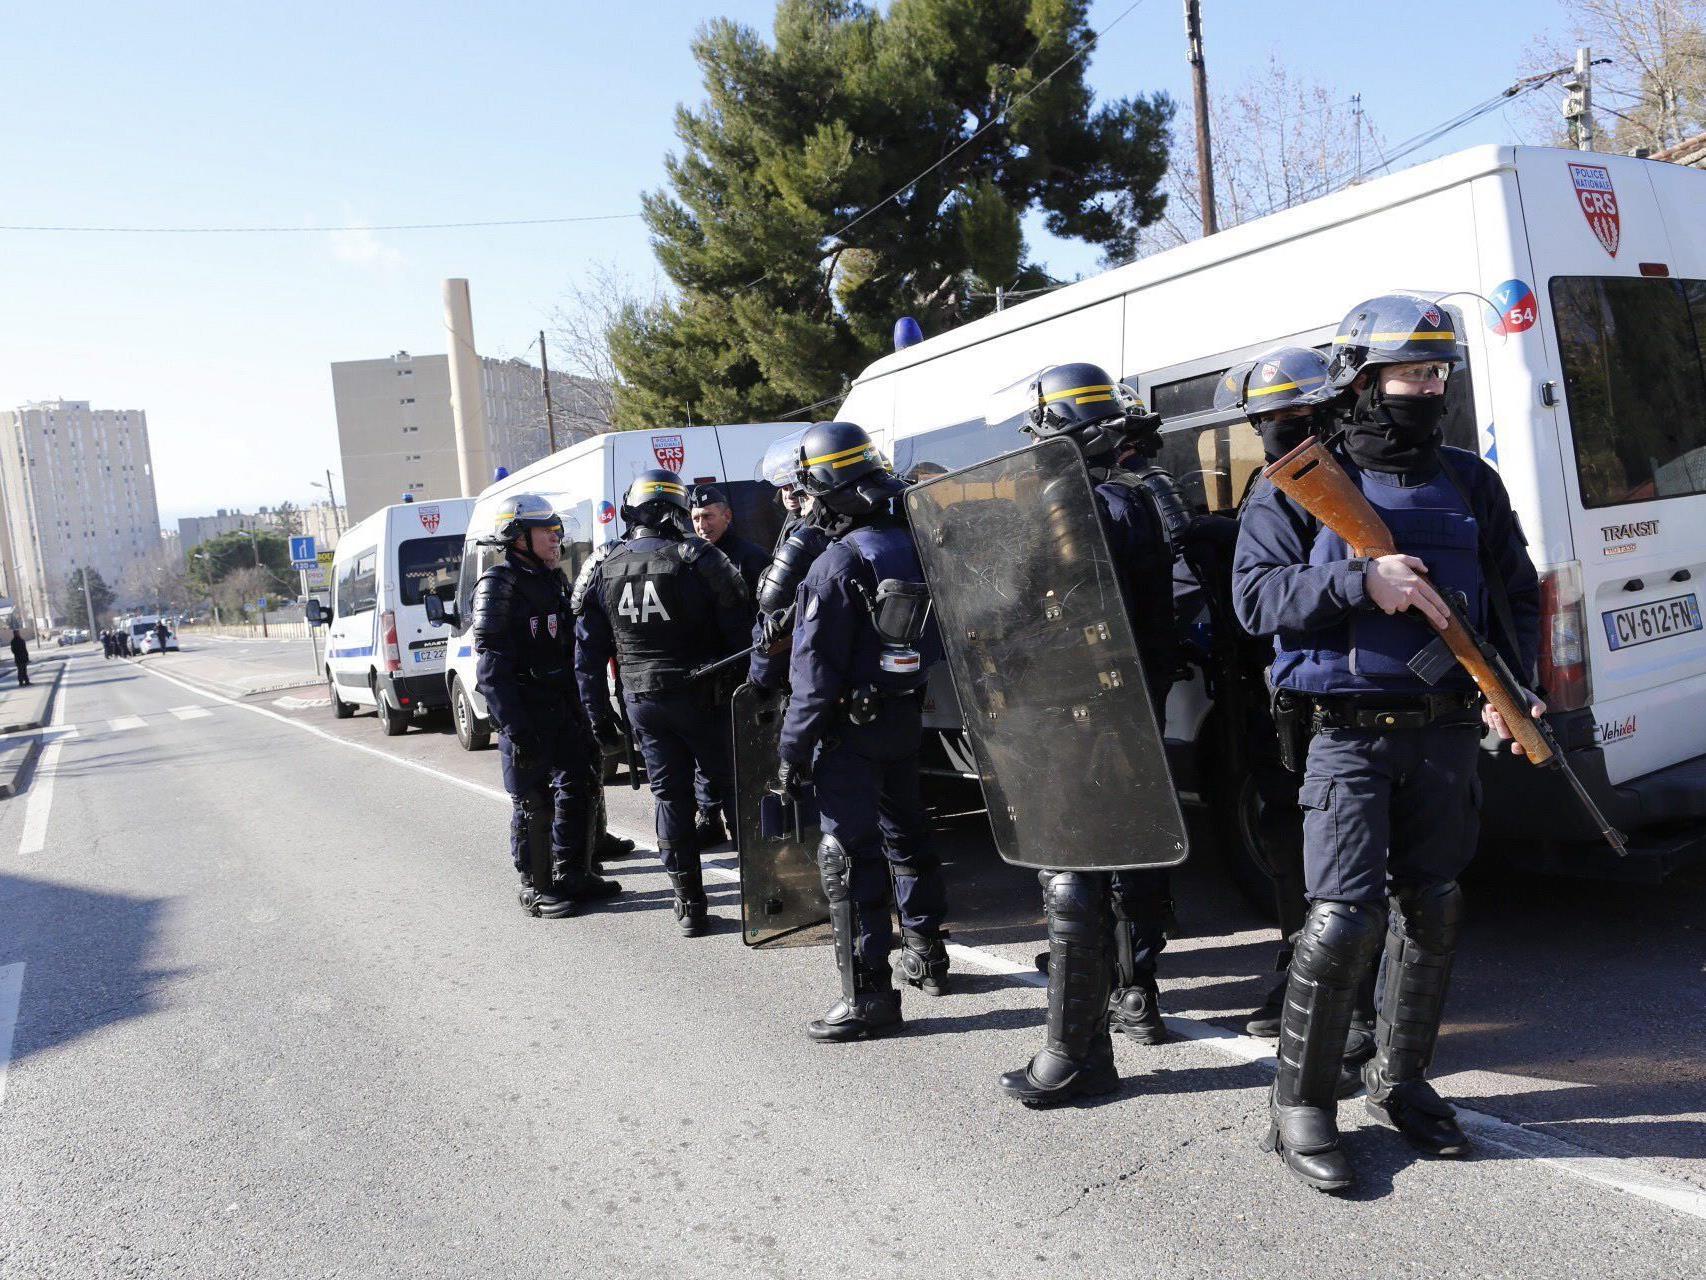 Vermummte schossen auf Polizei in Marseille - niemand verletzt